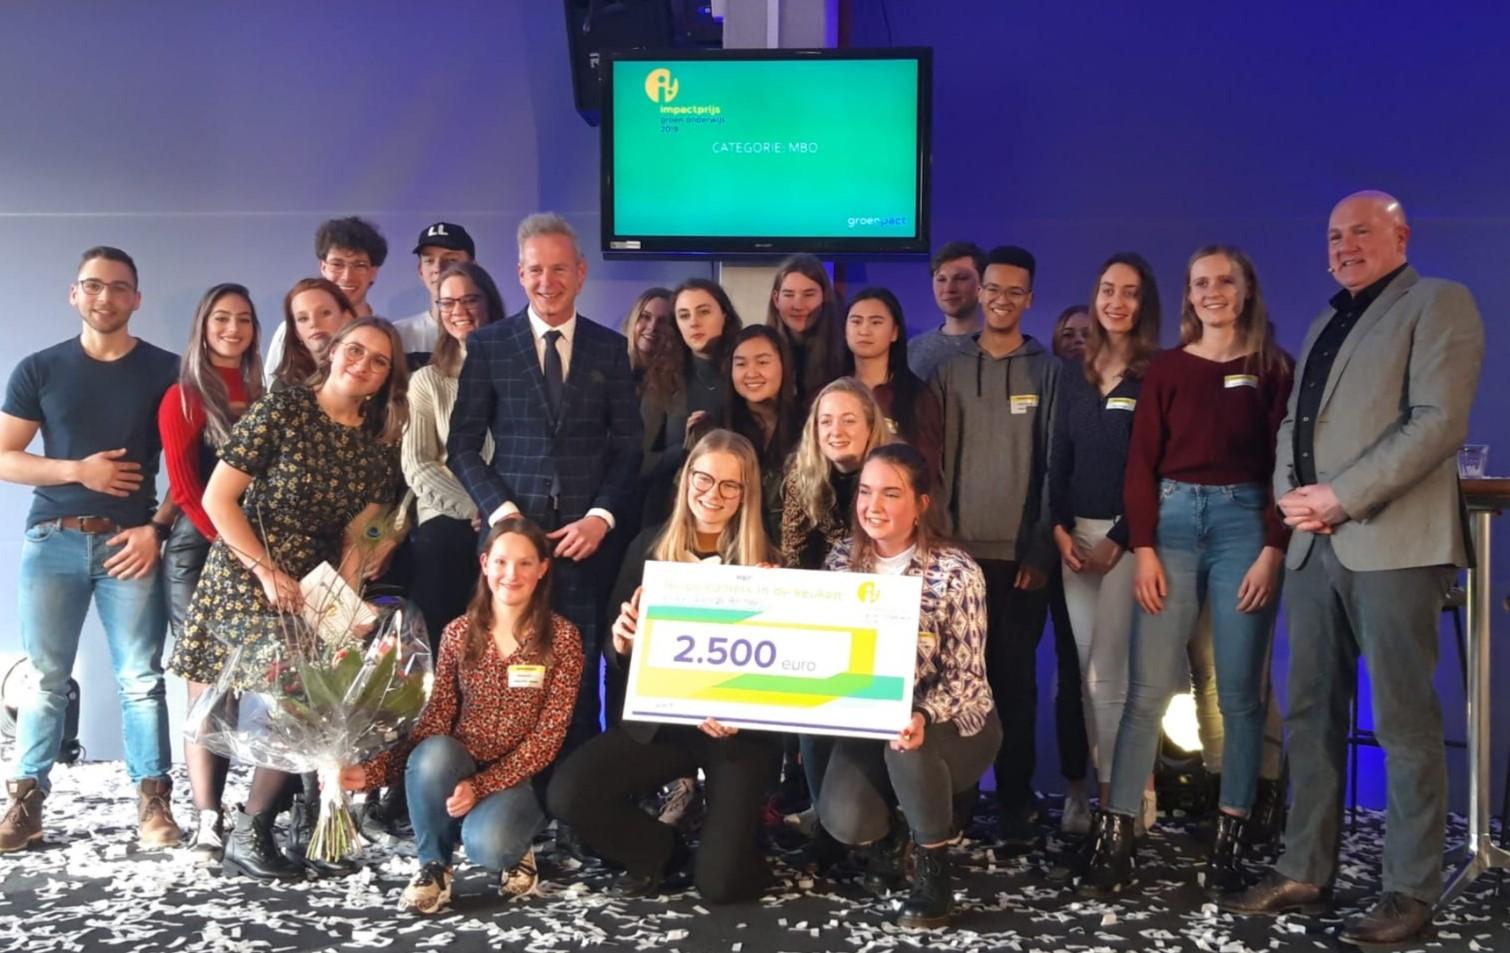 impactprijs winnaars